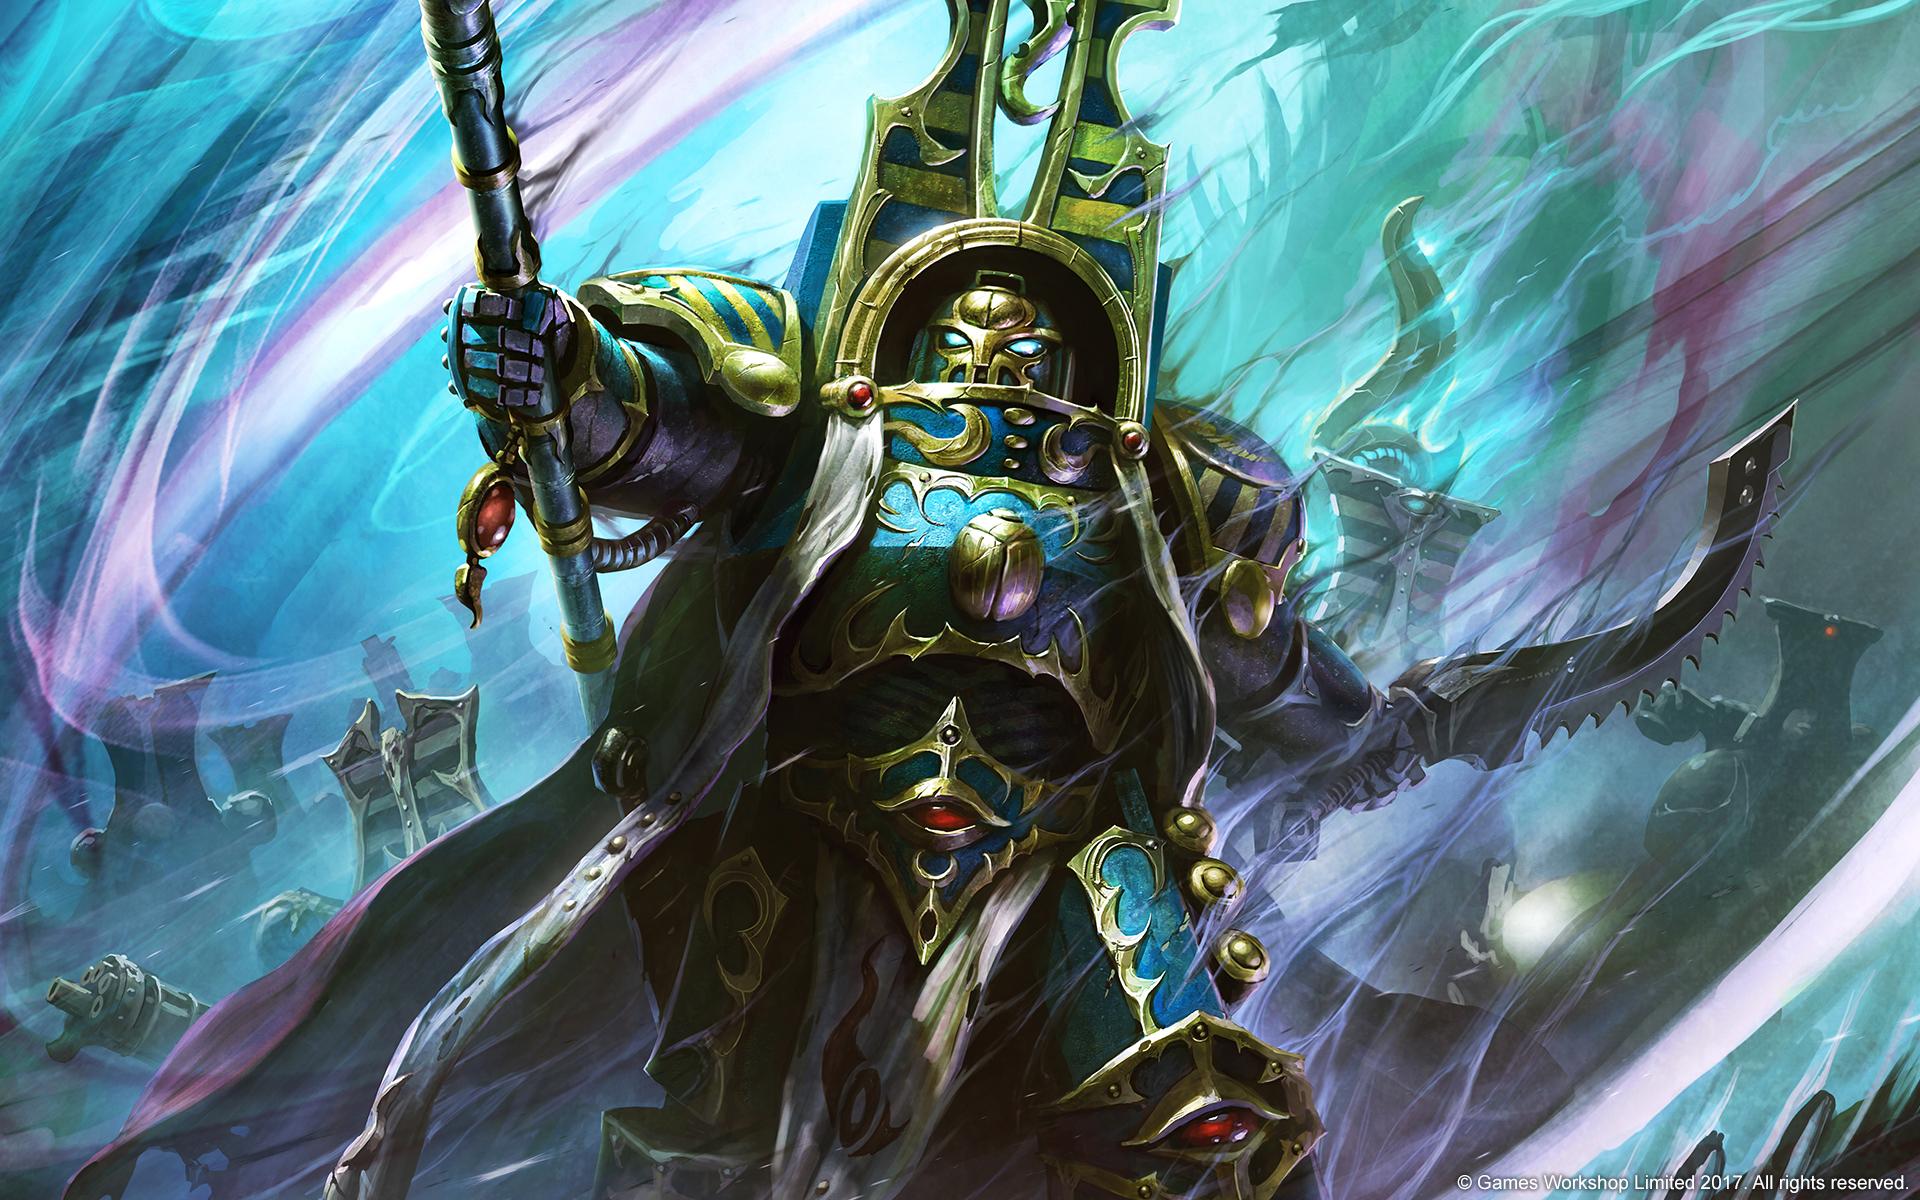 Warhammer 40k Battle Report - Warhammer 40k Thousand Sons Art , HD Wallpaper & Backgrounds